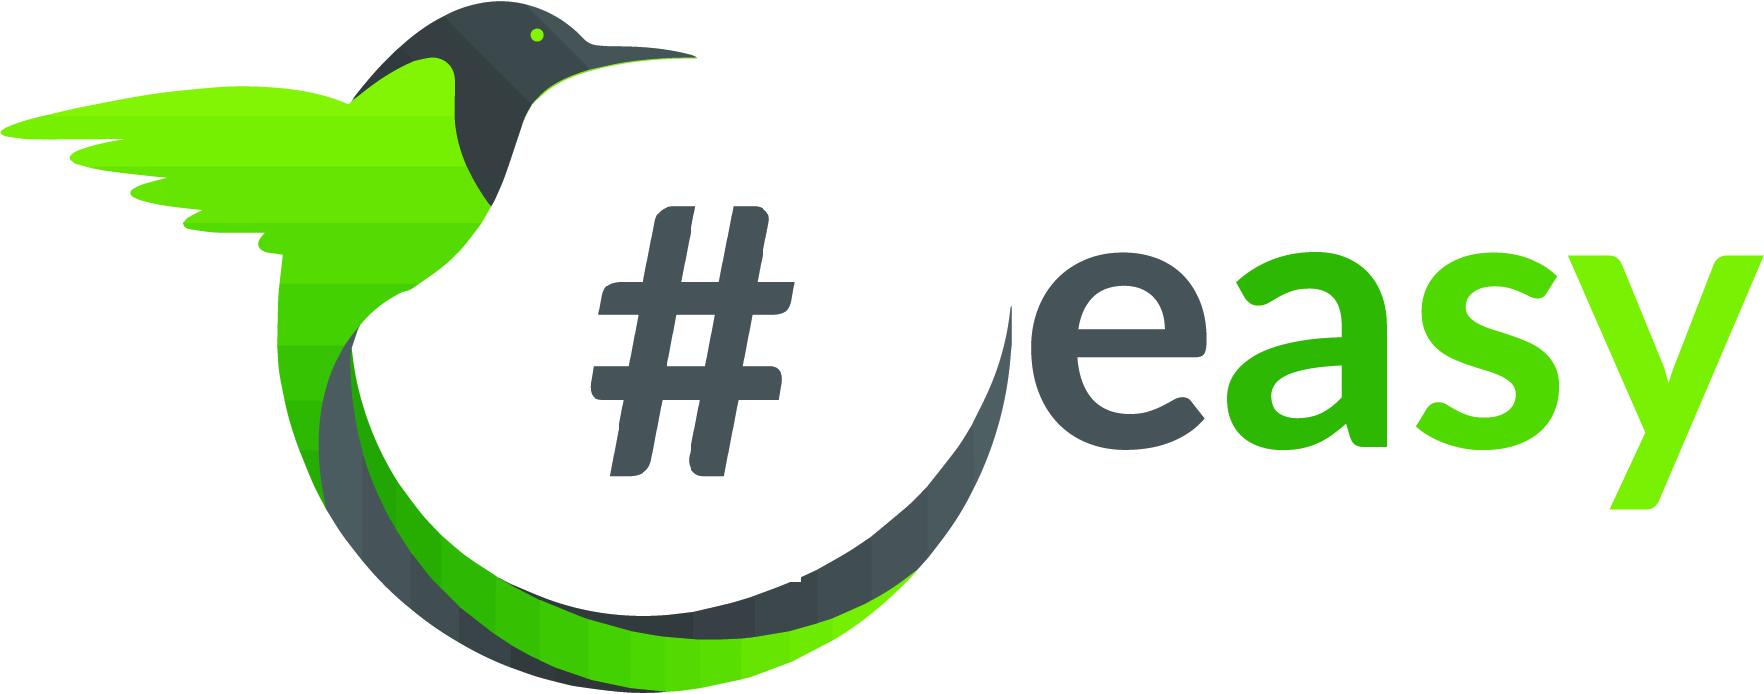 Разработка логотипа в виде хэштега #easy с зеленой колибри  фото f_0685d4fb0446ed6f.jpg